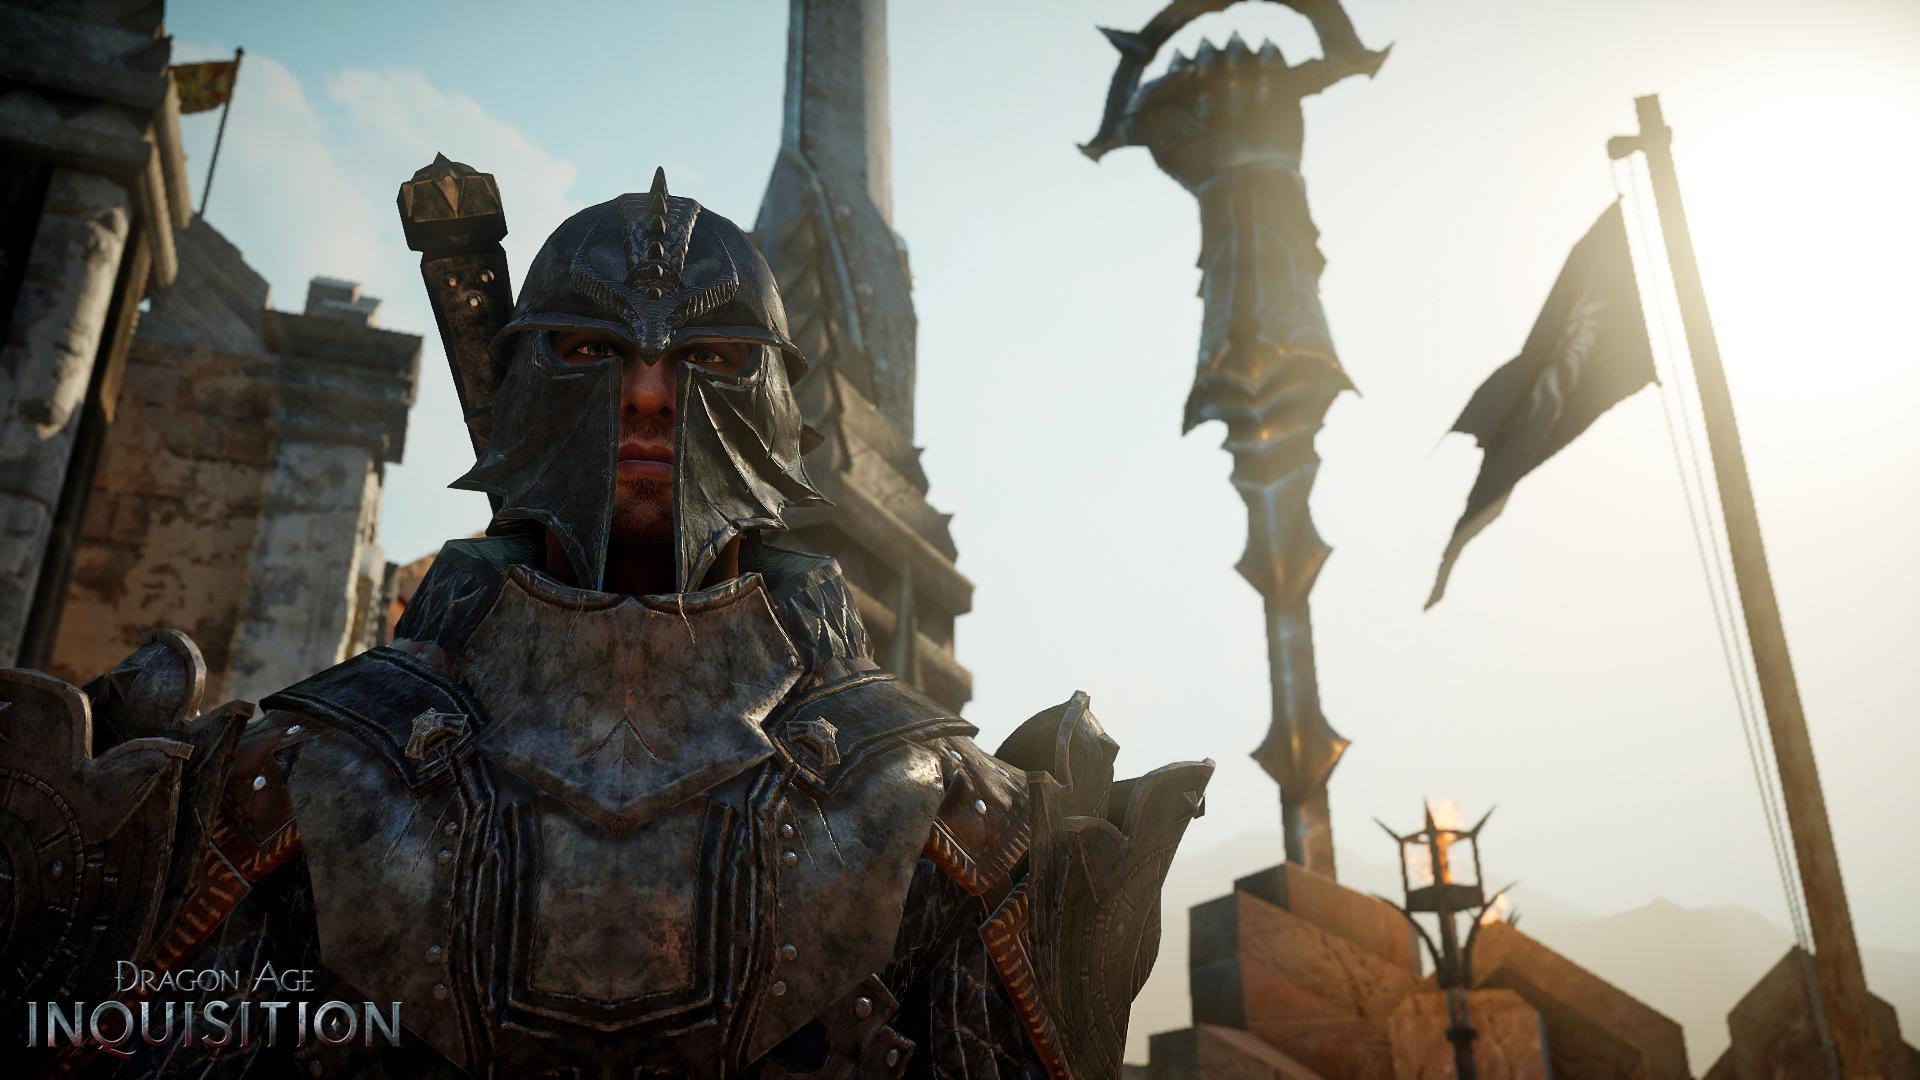 Dodatečně obrázky a artworky z Dragon Age: Inquisition 87015